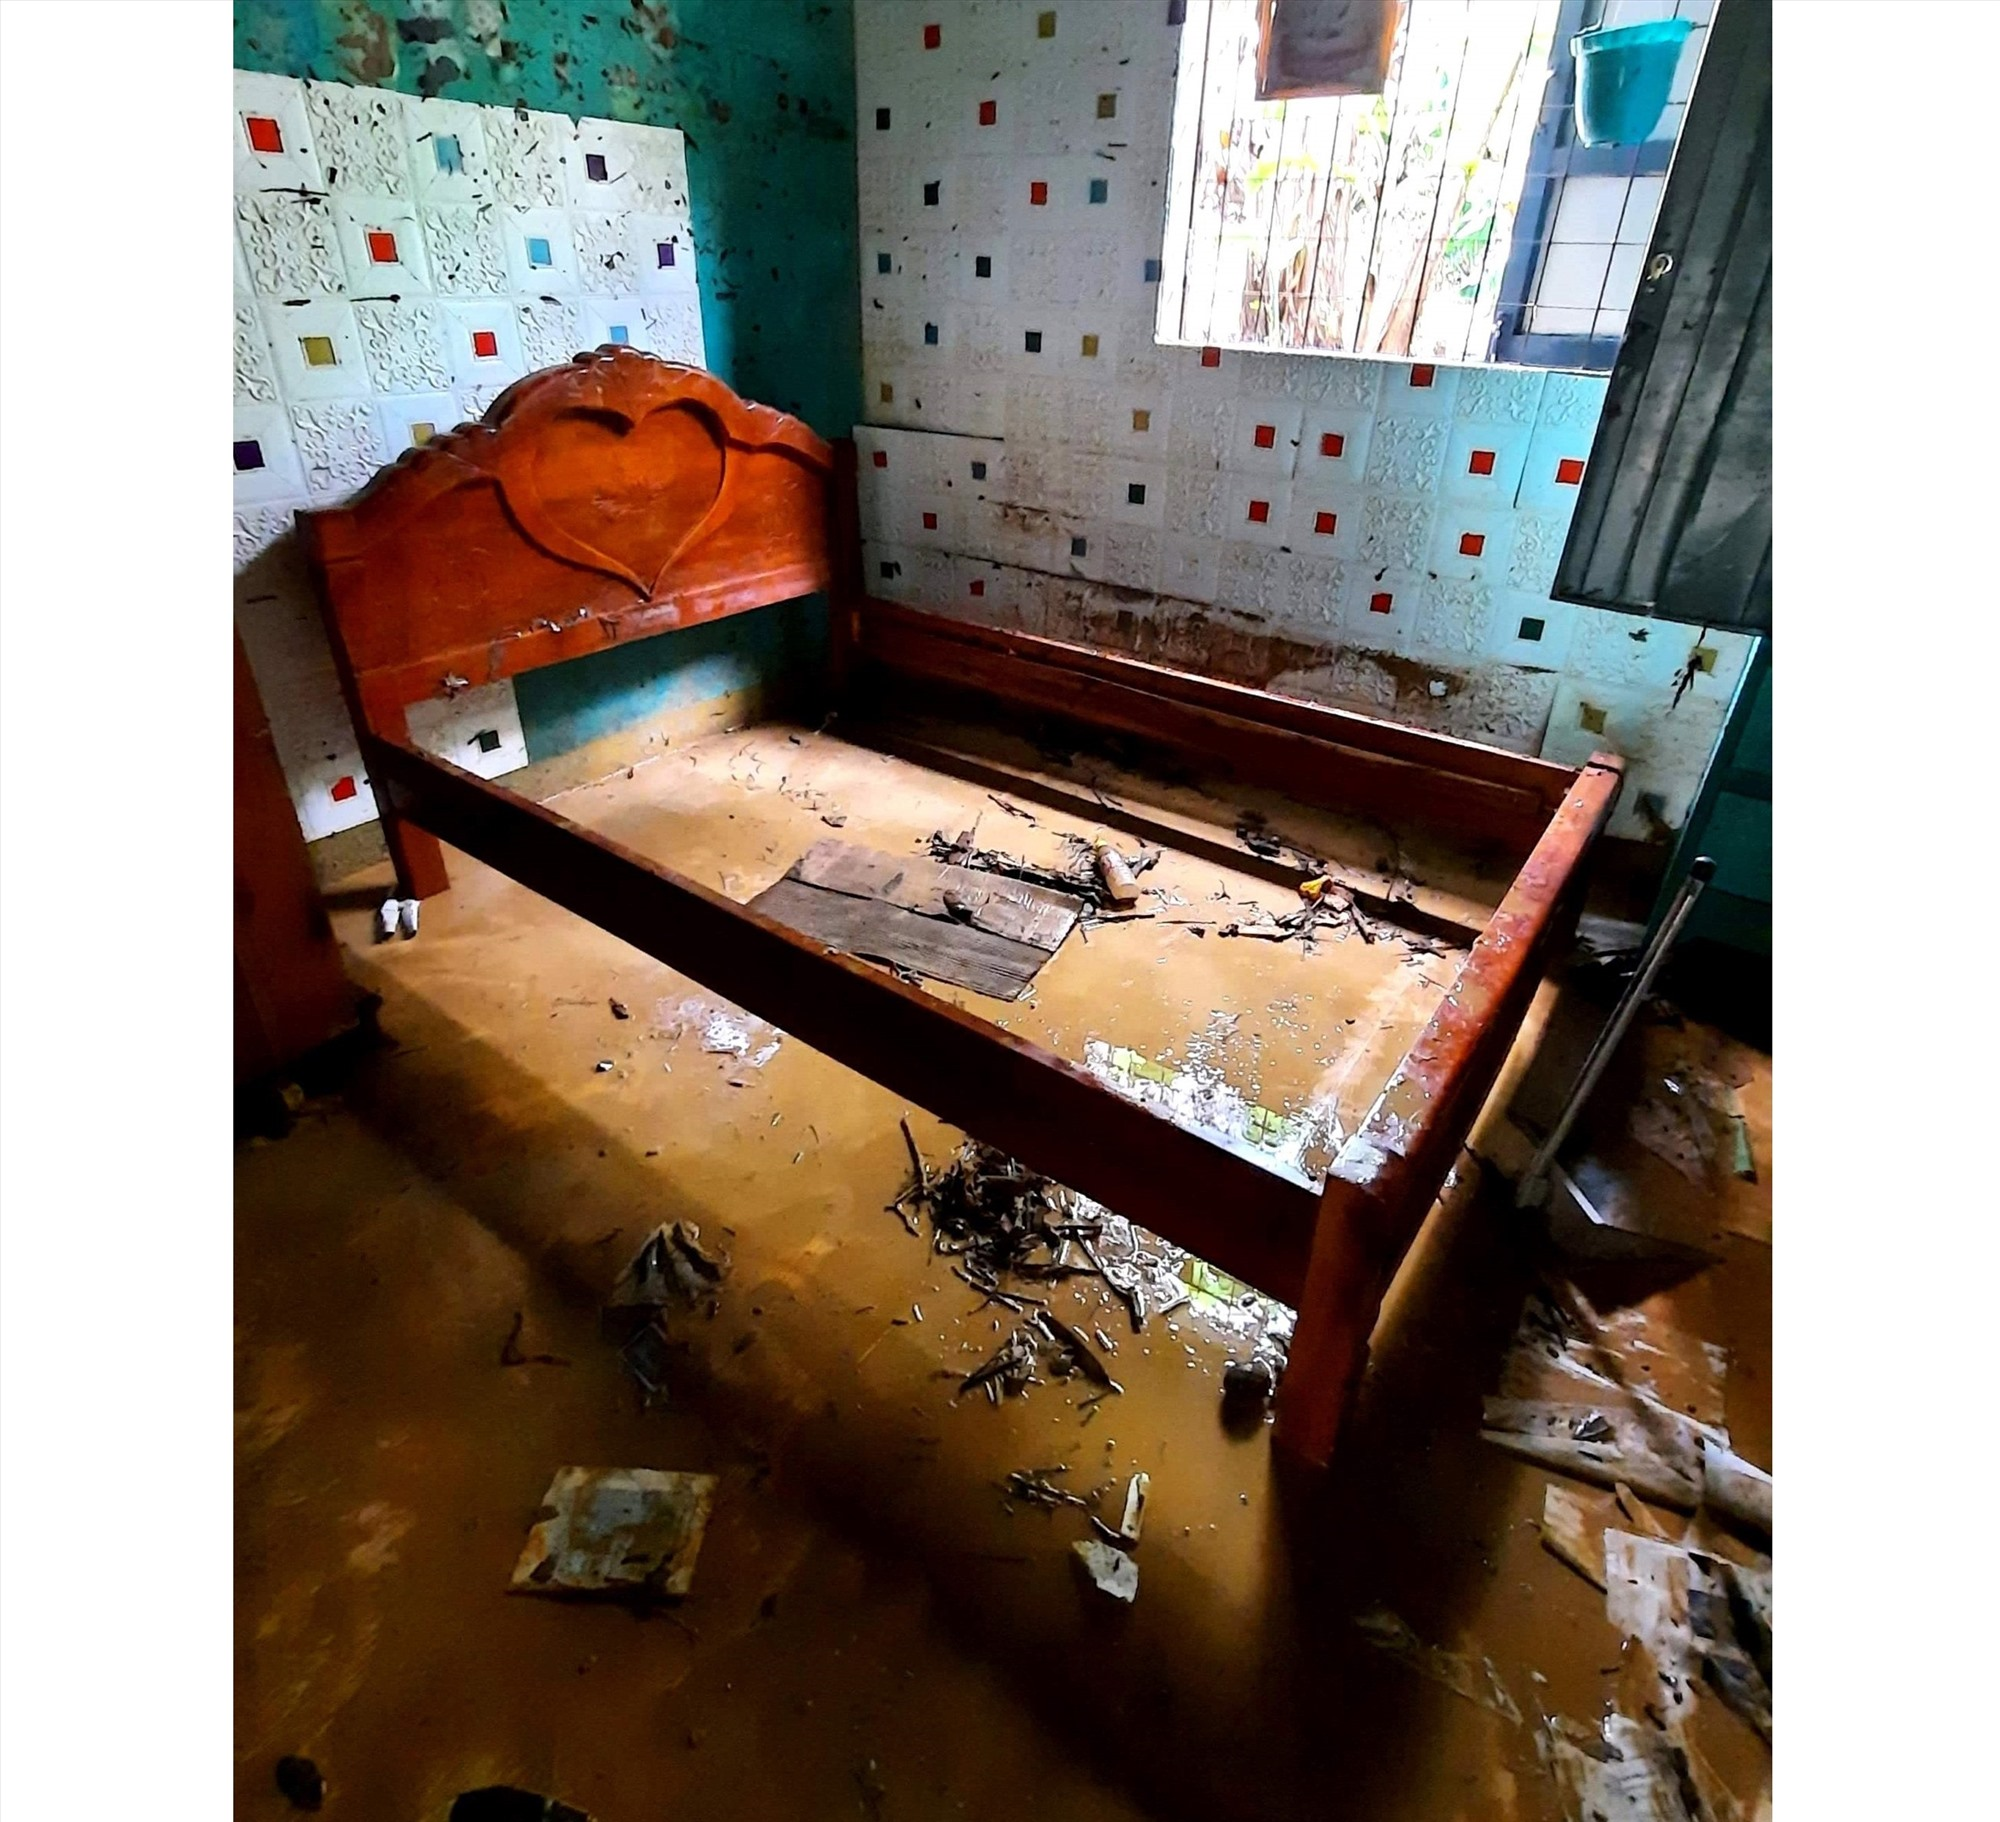 Căn phòng chỉ còn lại khung giường dính đầy bùn đất. Ảnh: N.D